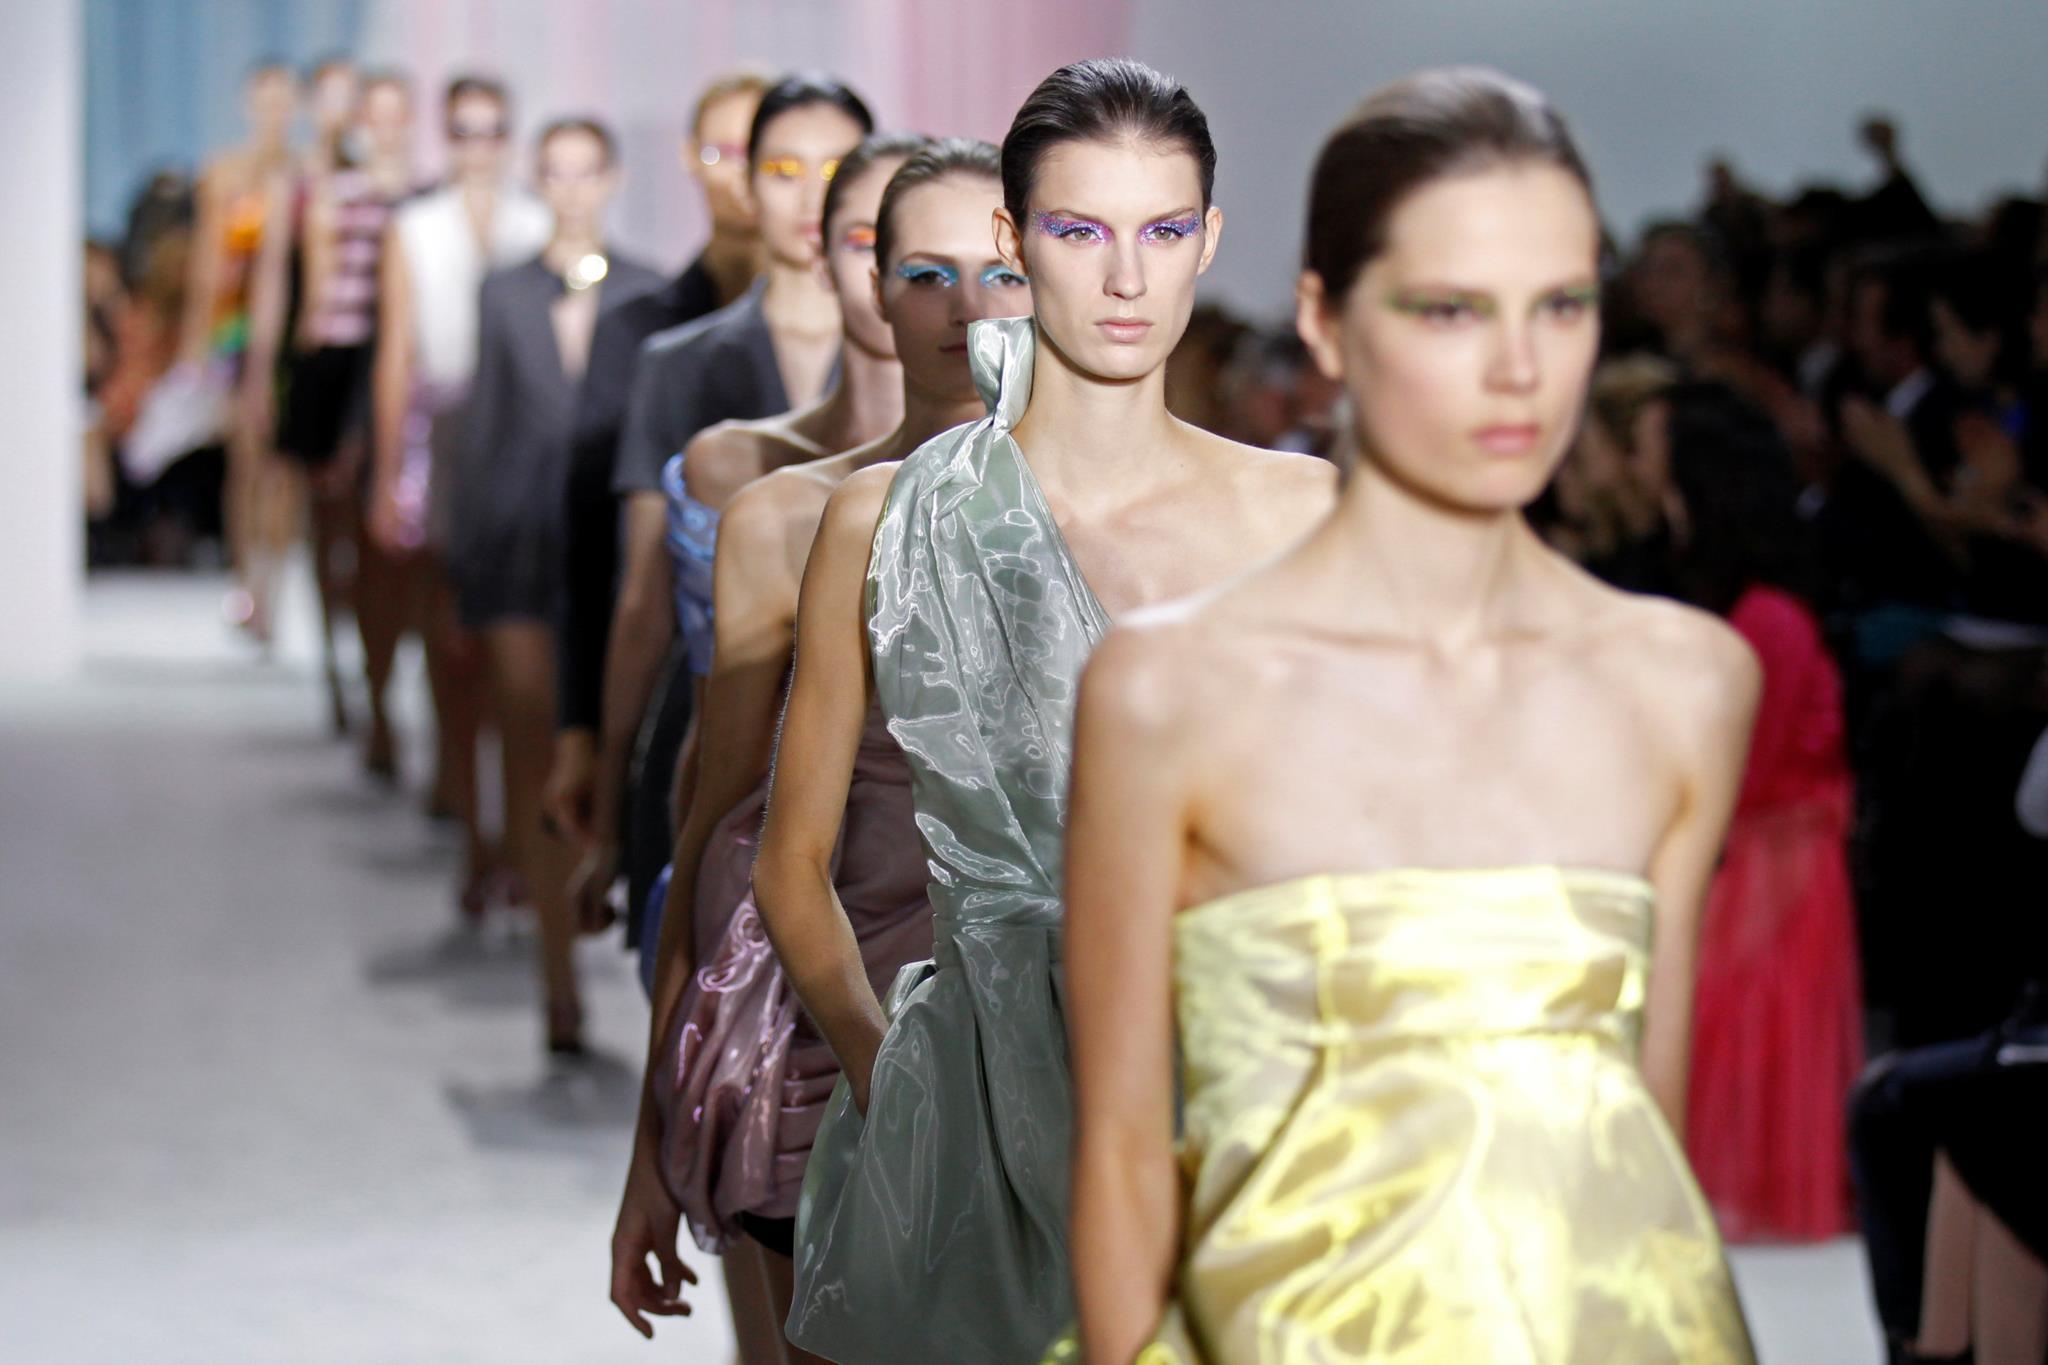 LVMH e Kering vão deixar de contratar modelos demasiado magras